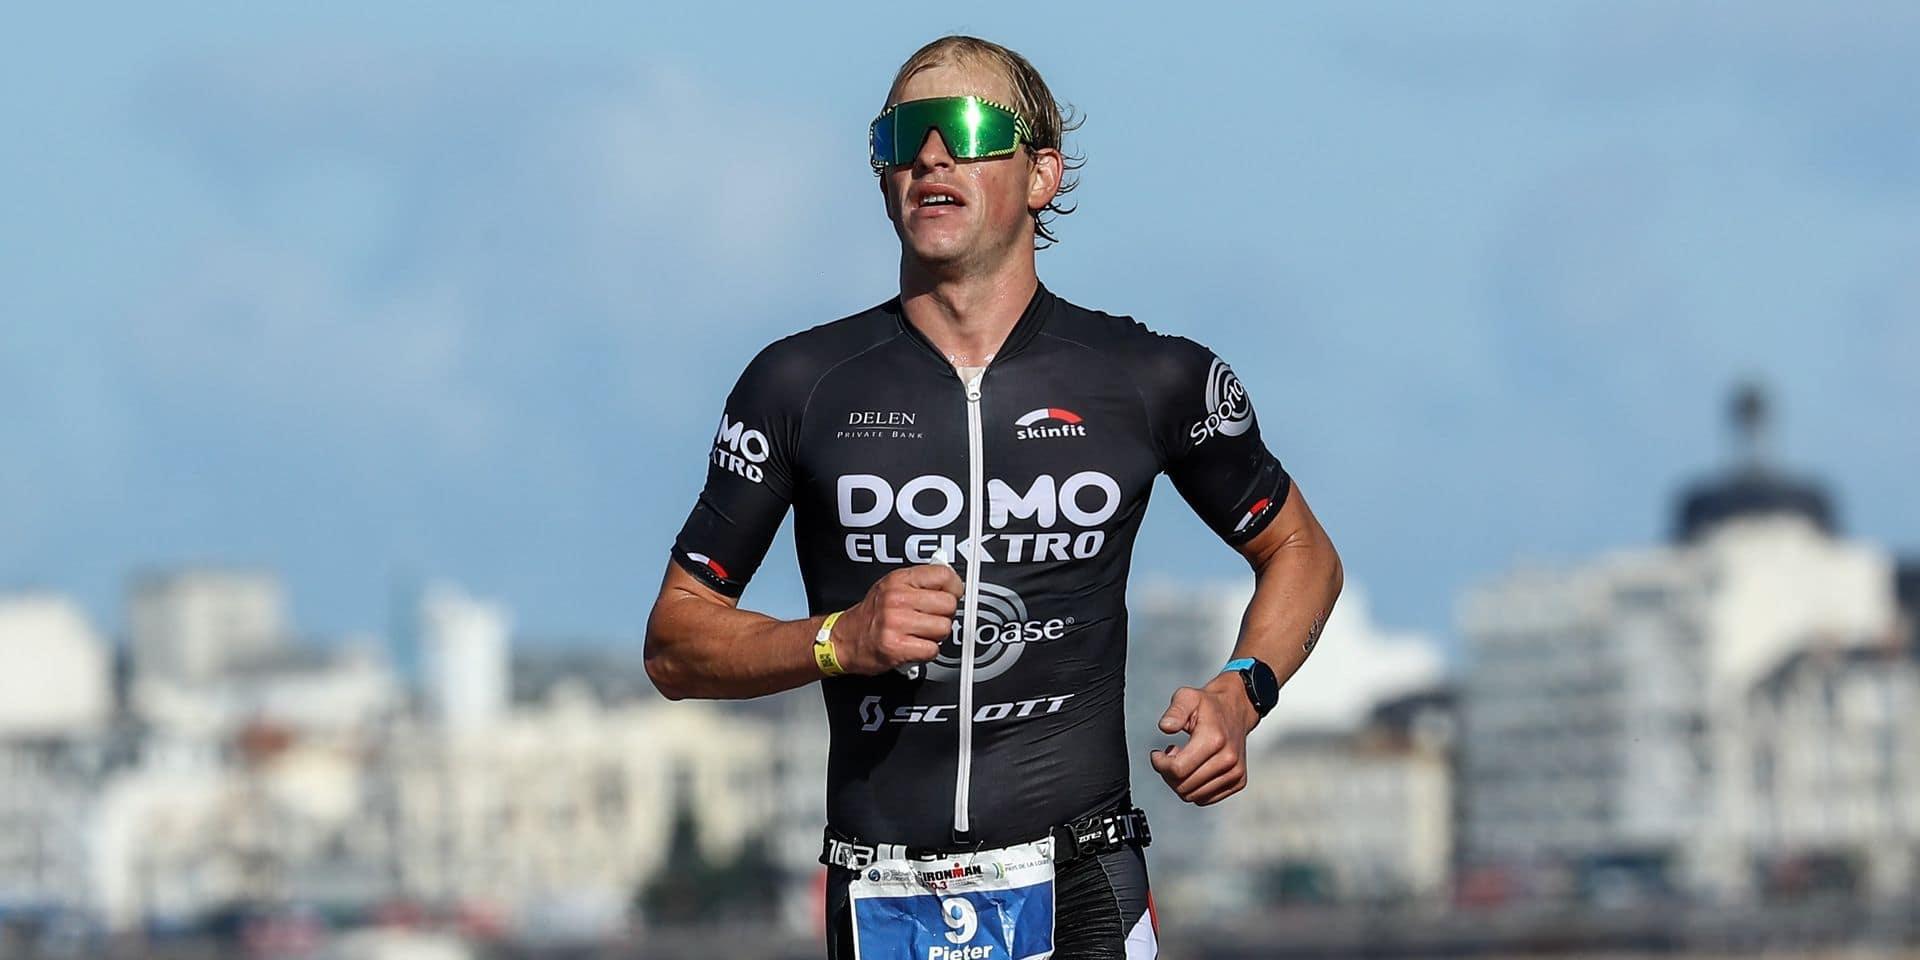 """Pieter Heemeryck explique son choix de compétition : """"Dubaï me convient mieux que Miami"""""""